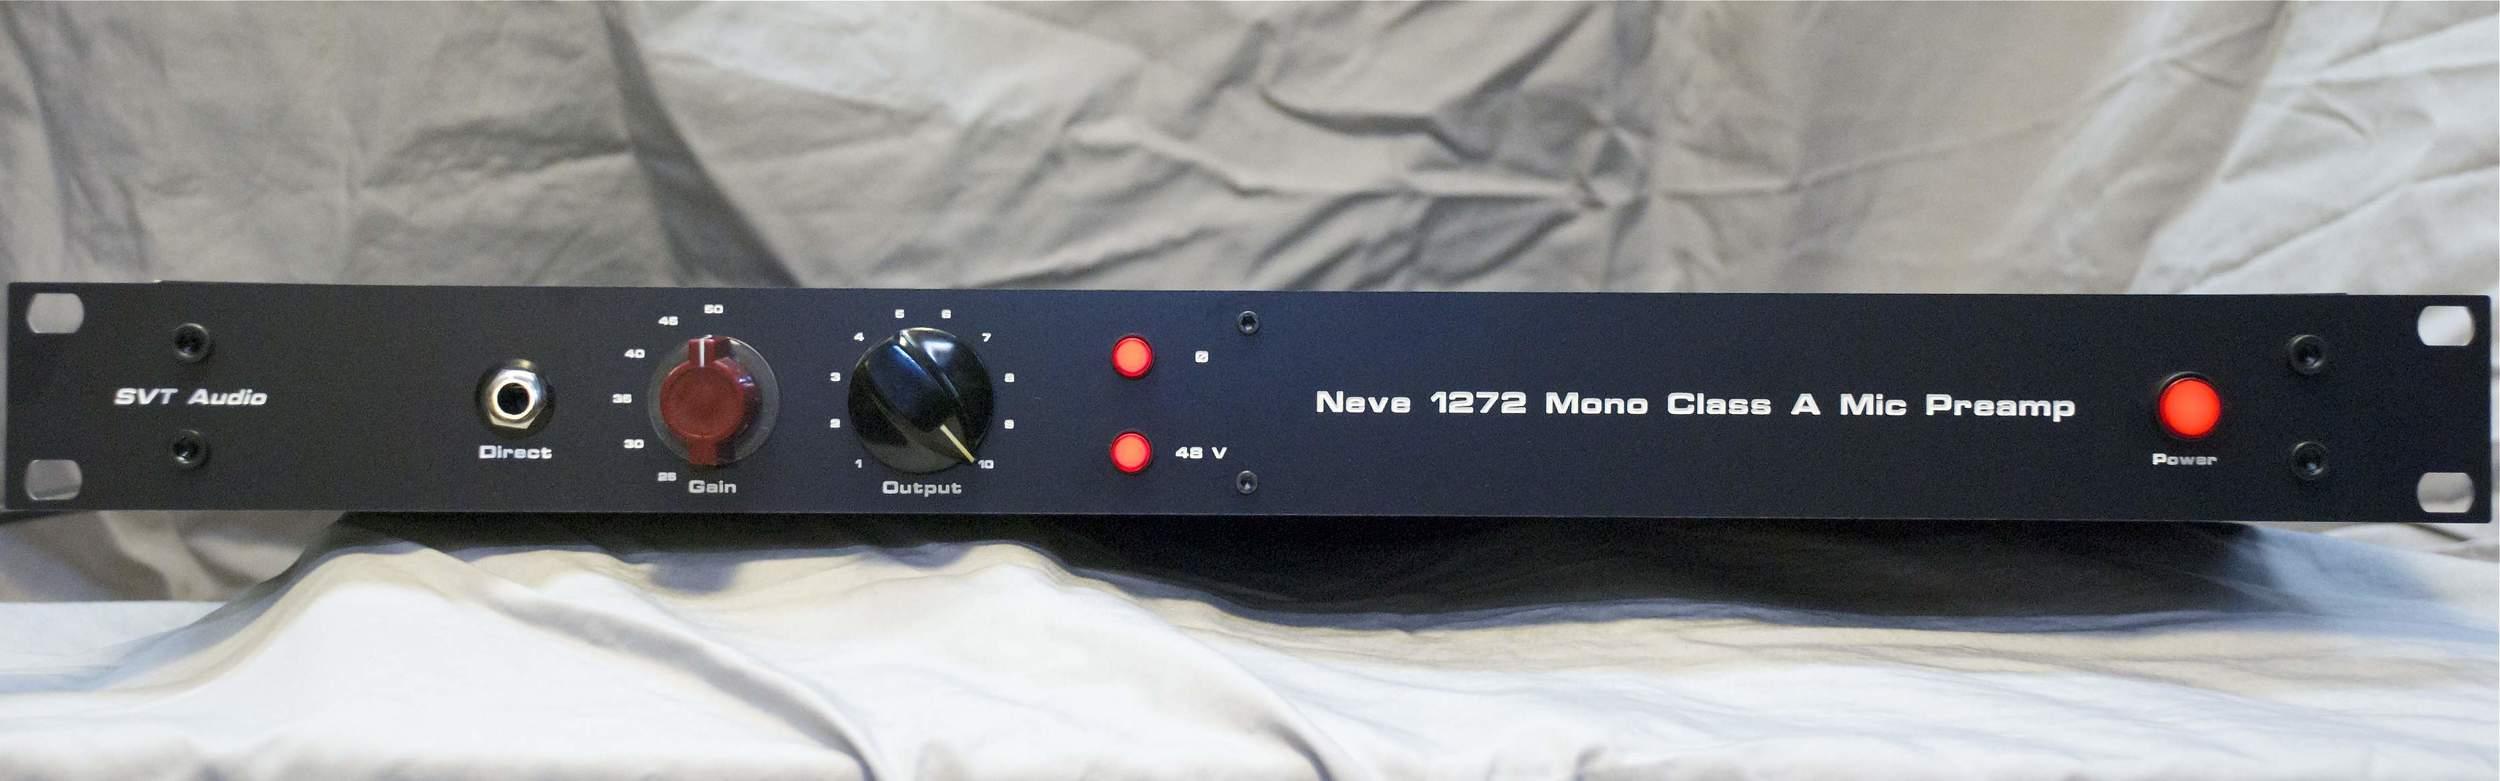 Neve 1272 Mono NM 032614 Front #2.jpg